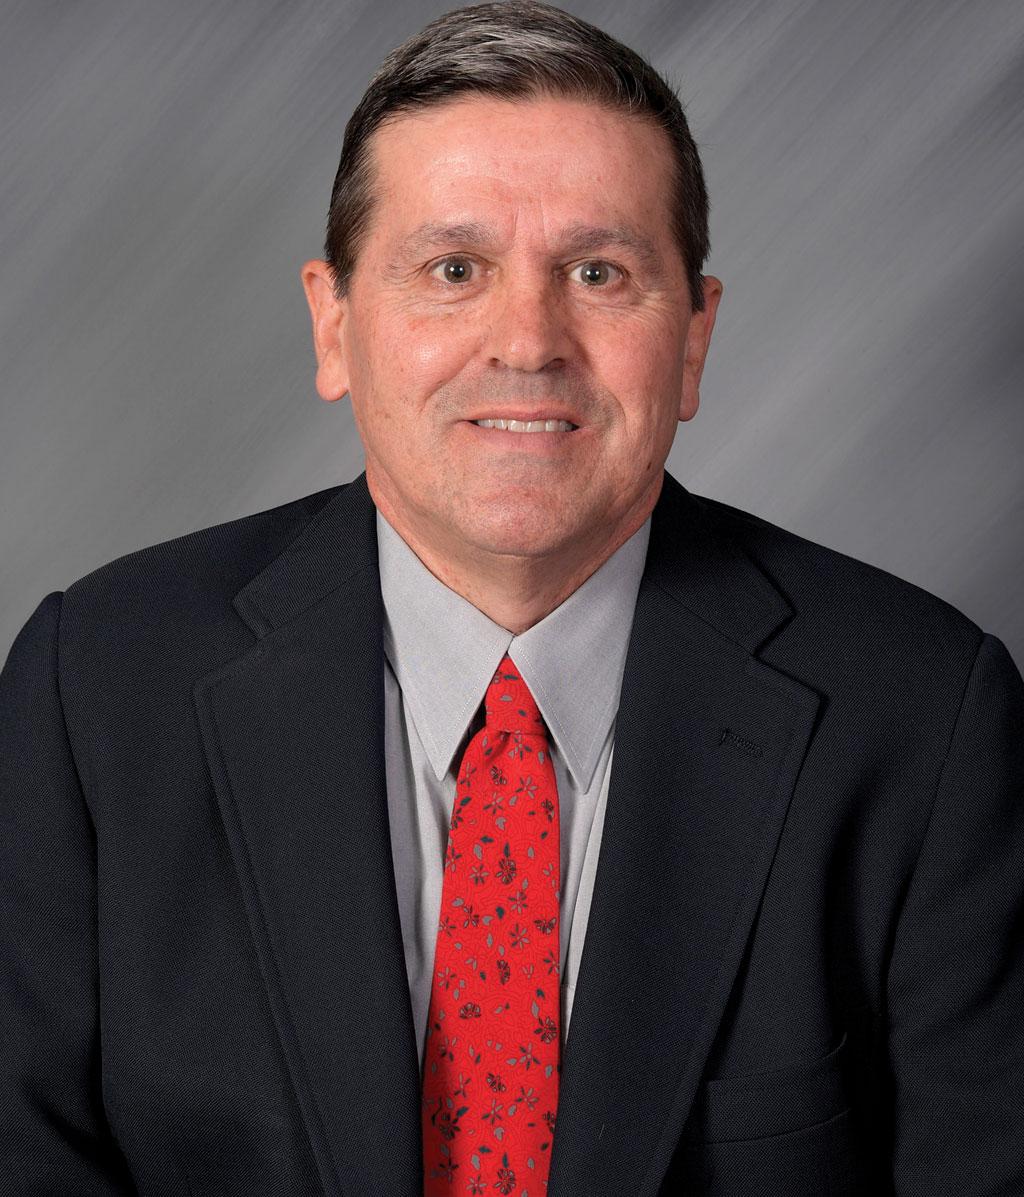 Tim Keener